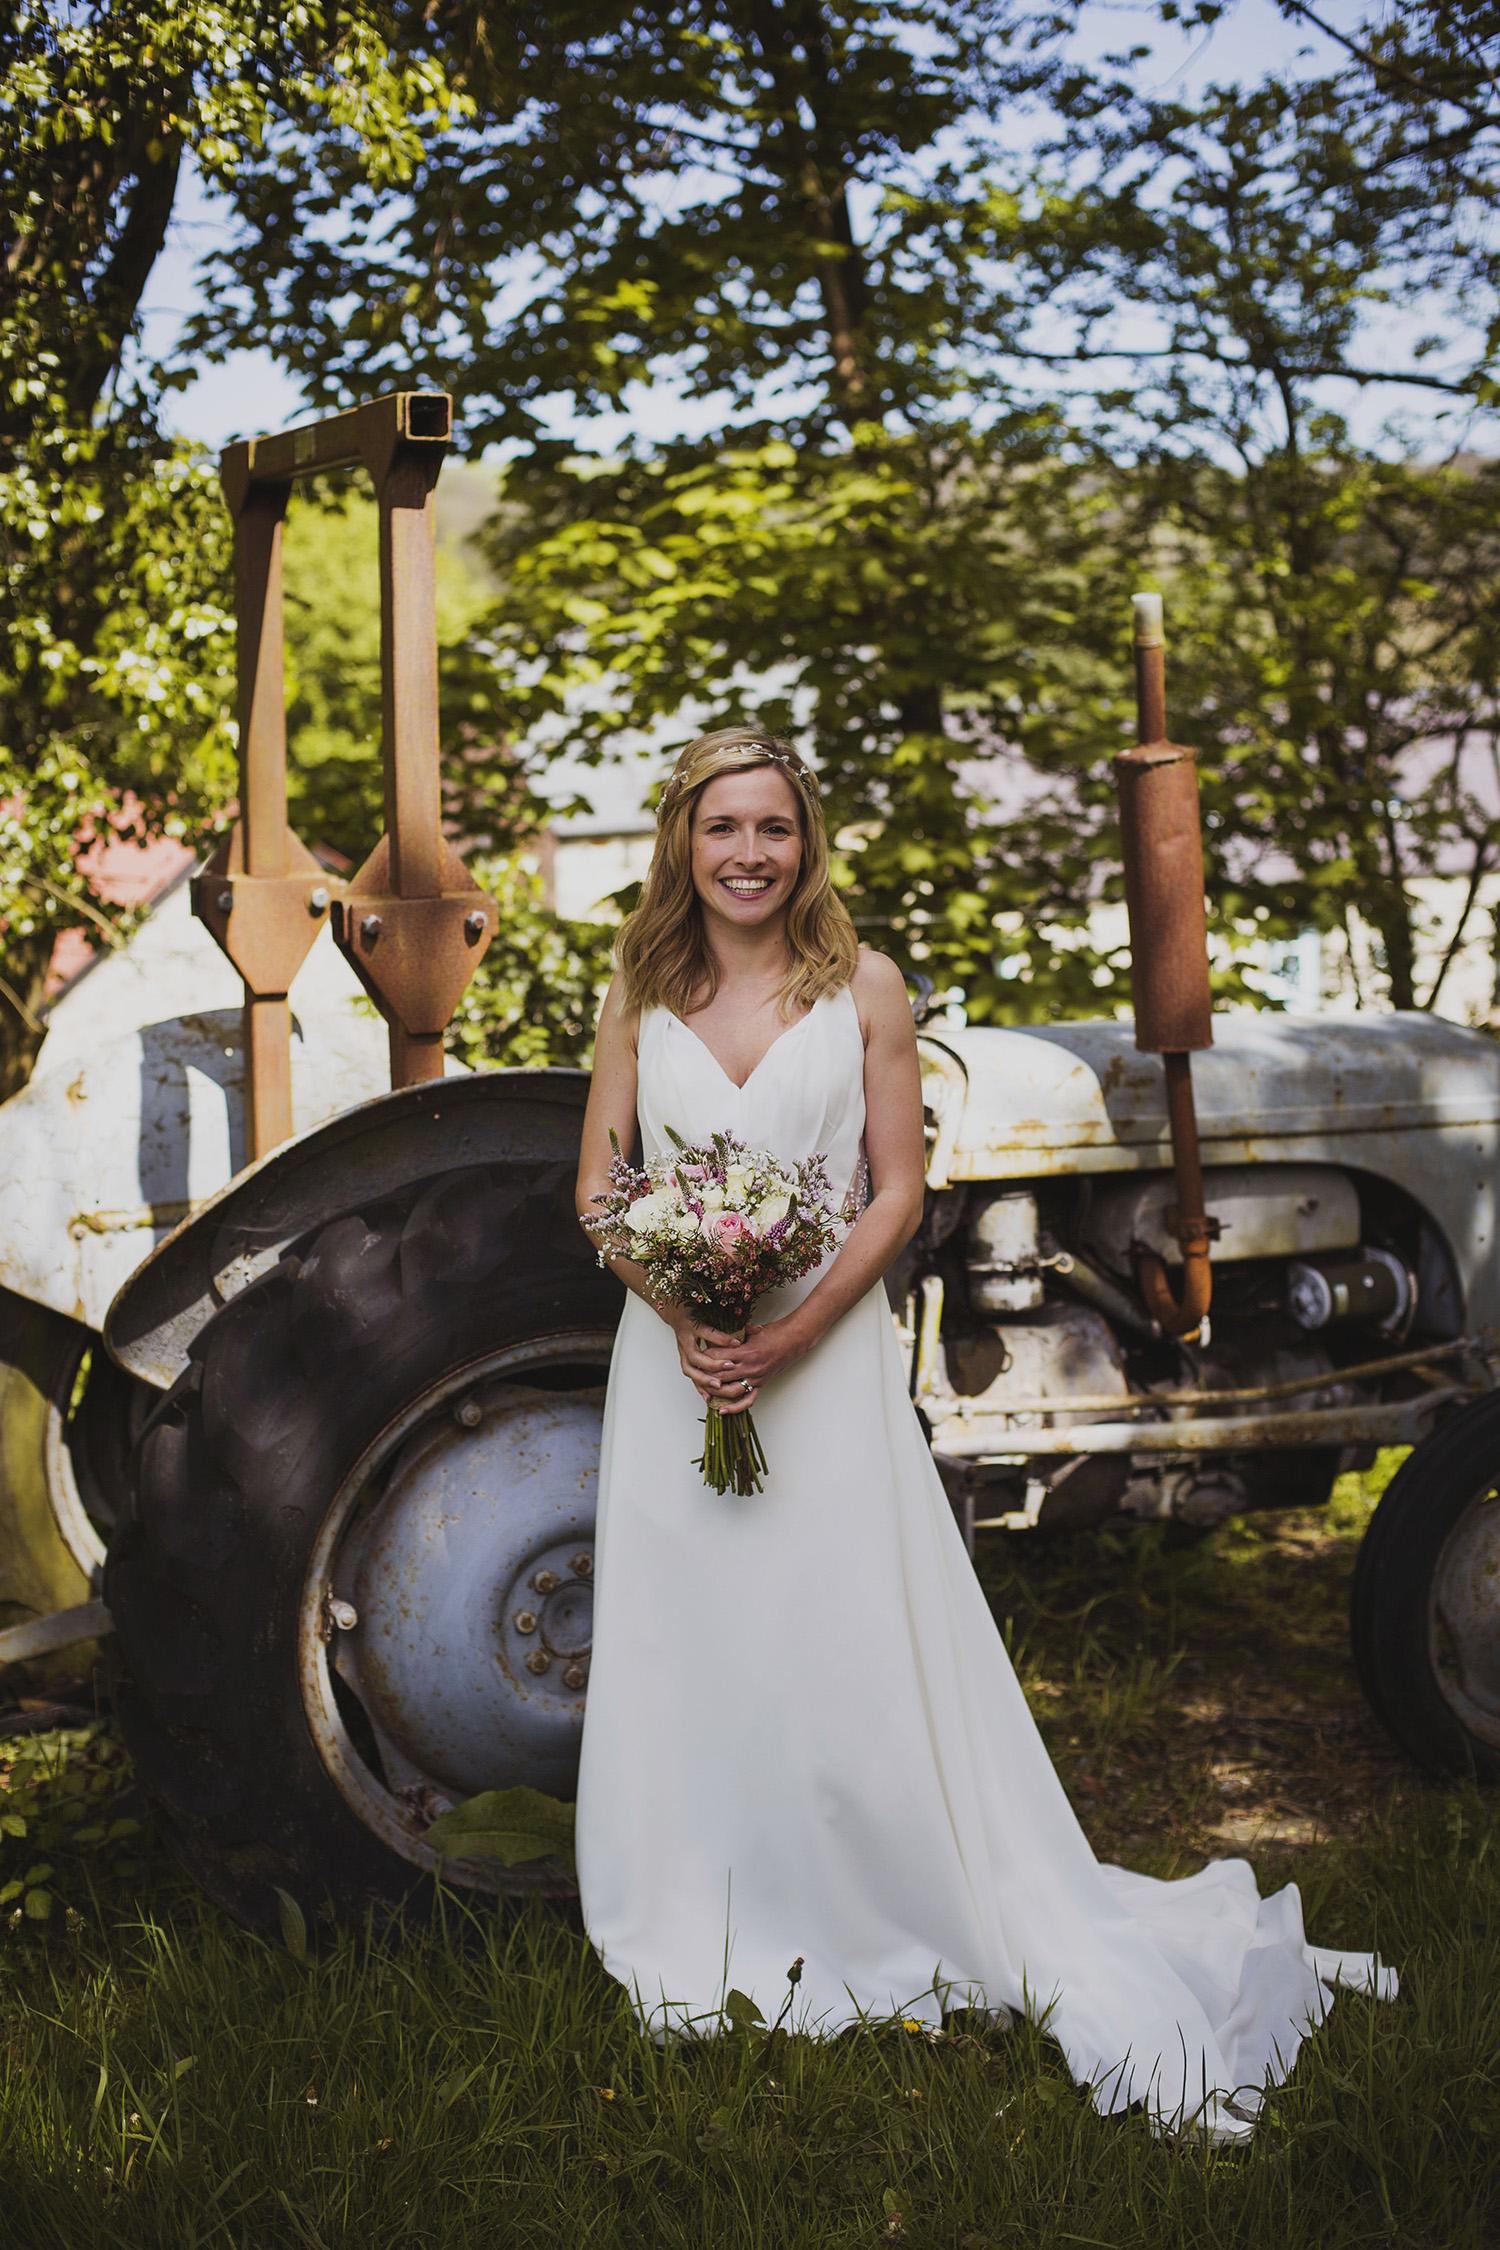 portrait of the bride at nantwen